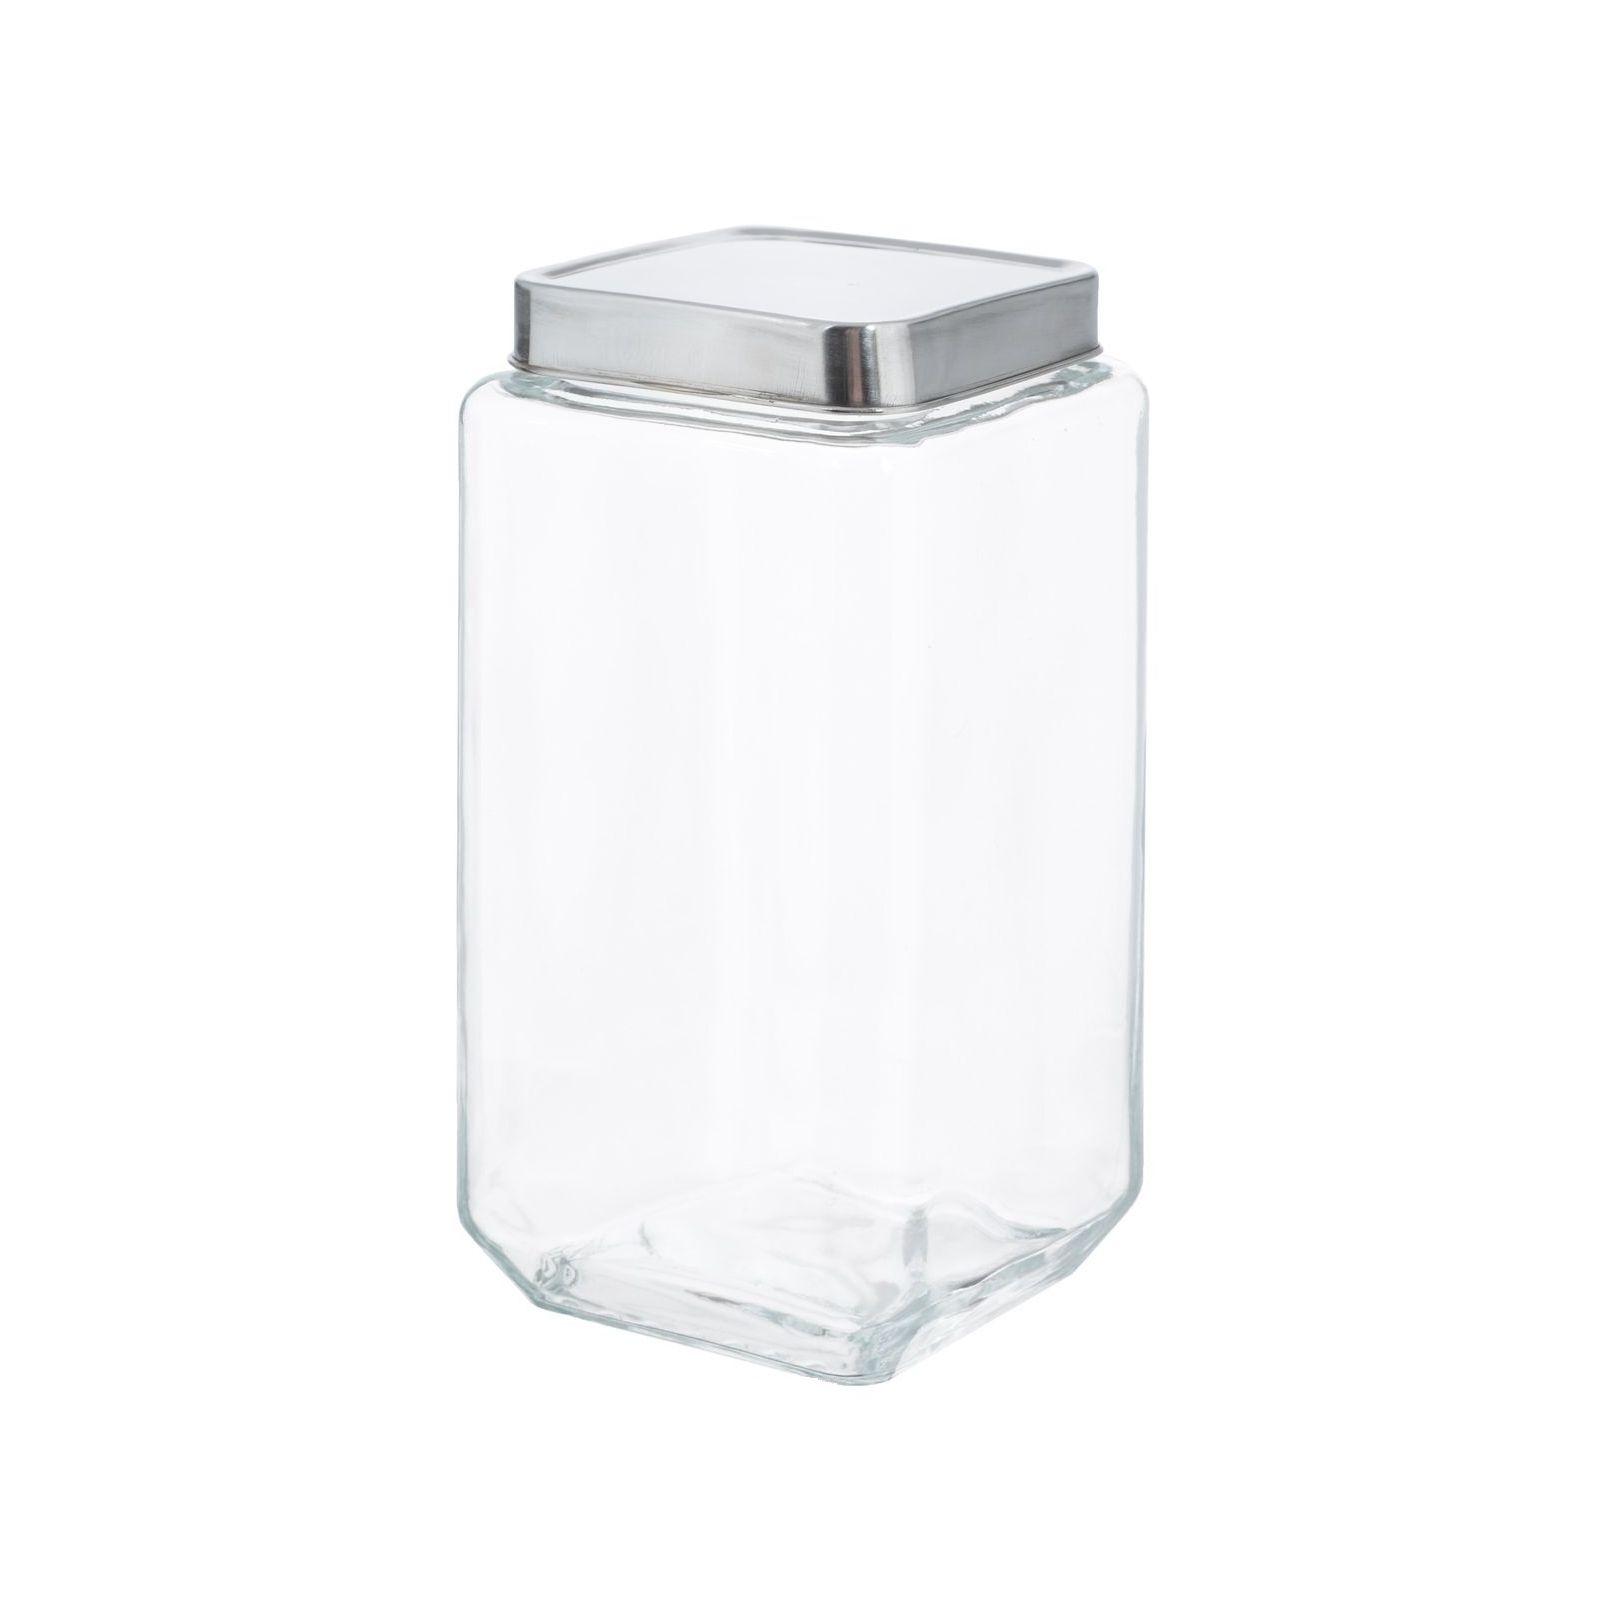 Банка квадратная 11х11х22,5 mет.крышка стеклоБанка квадратная станет не только полезным и практичным предметом, необходимым на каждой кухне, но и позволит дополнить интерьер оригинальным штрихом. Представленная модель изготавливается из прочного стекла, которое надежно защищено от случайных механических повреждений, царапин и сколов. Металлическая крышка плотно закрывается, что делает использование безопасным, если в доме есть дети. Благодаря особенностям конструкции представленное изделие отлично подходит для хранения сыпучих продуктов.<br>